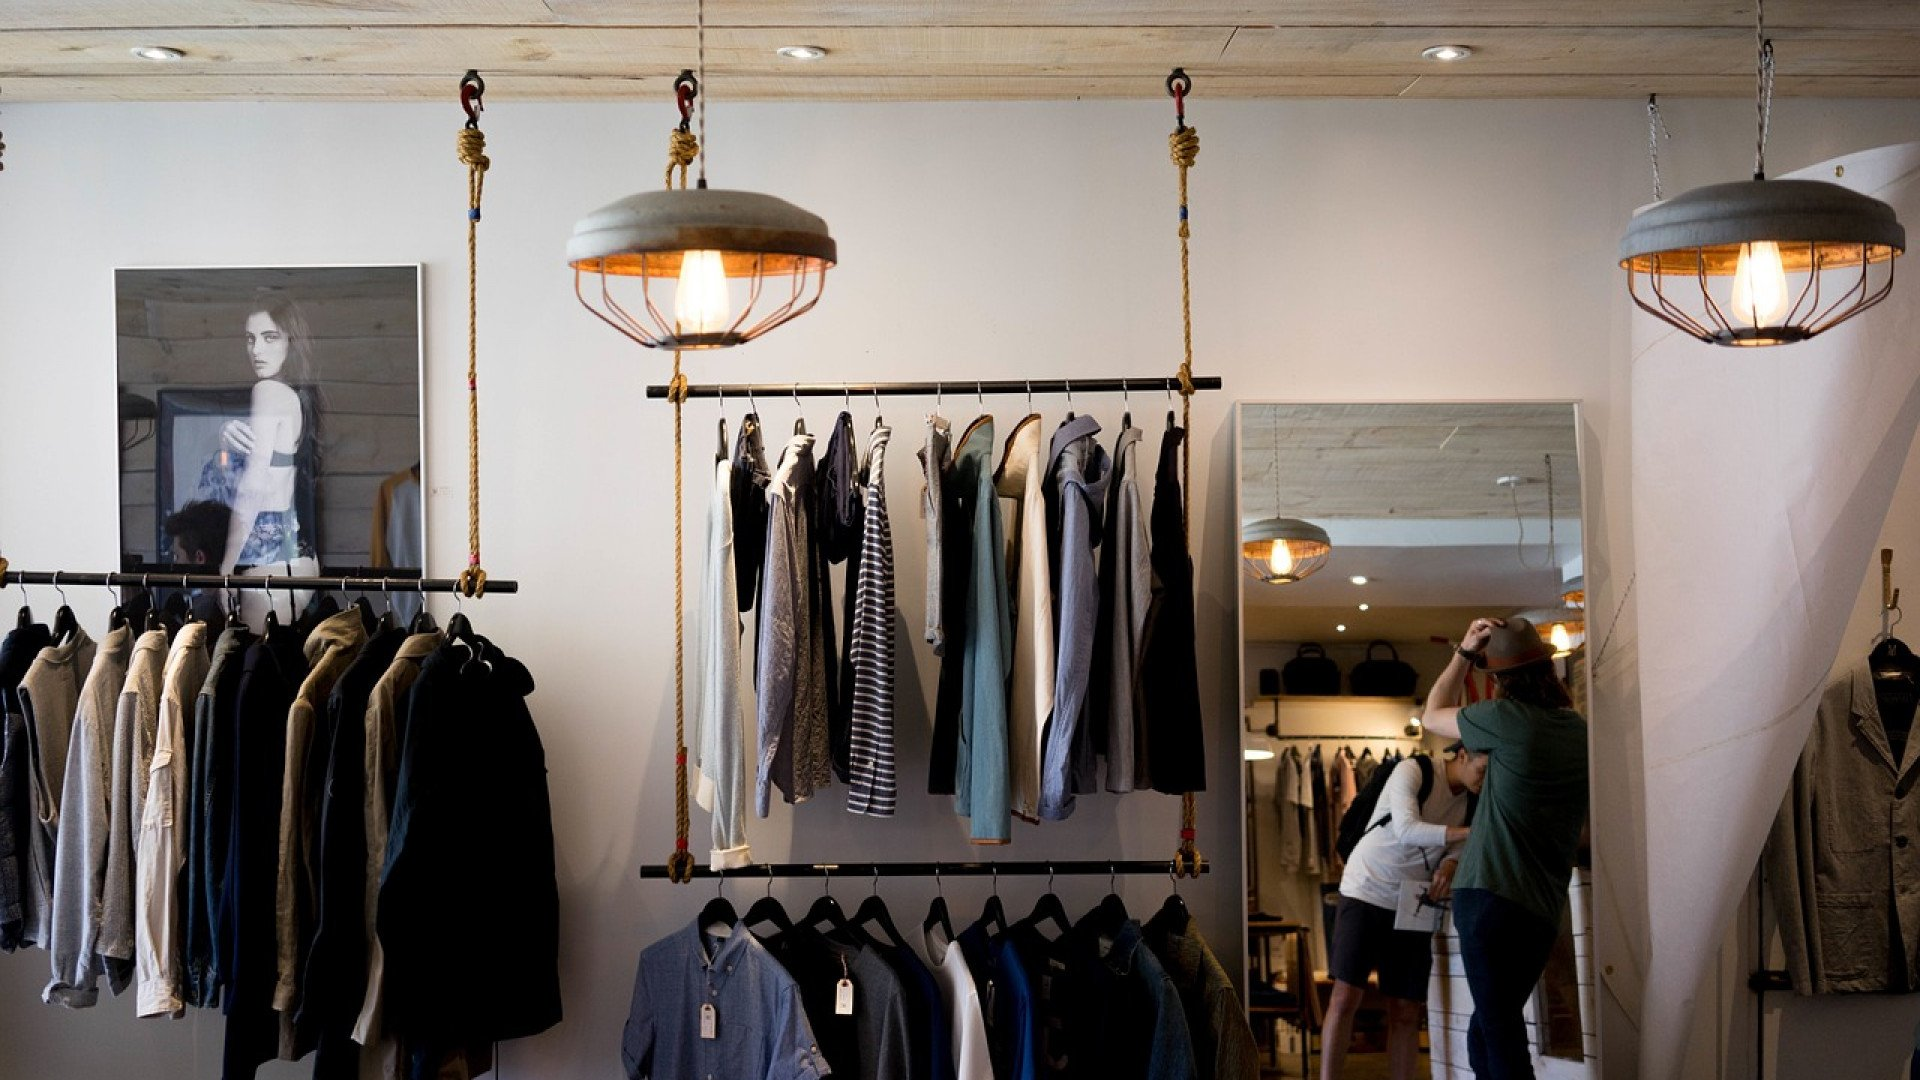 Pourquoi ouvrir un magasin franchisé est une aubaine ?